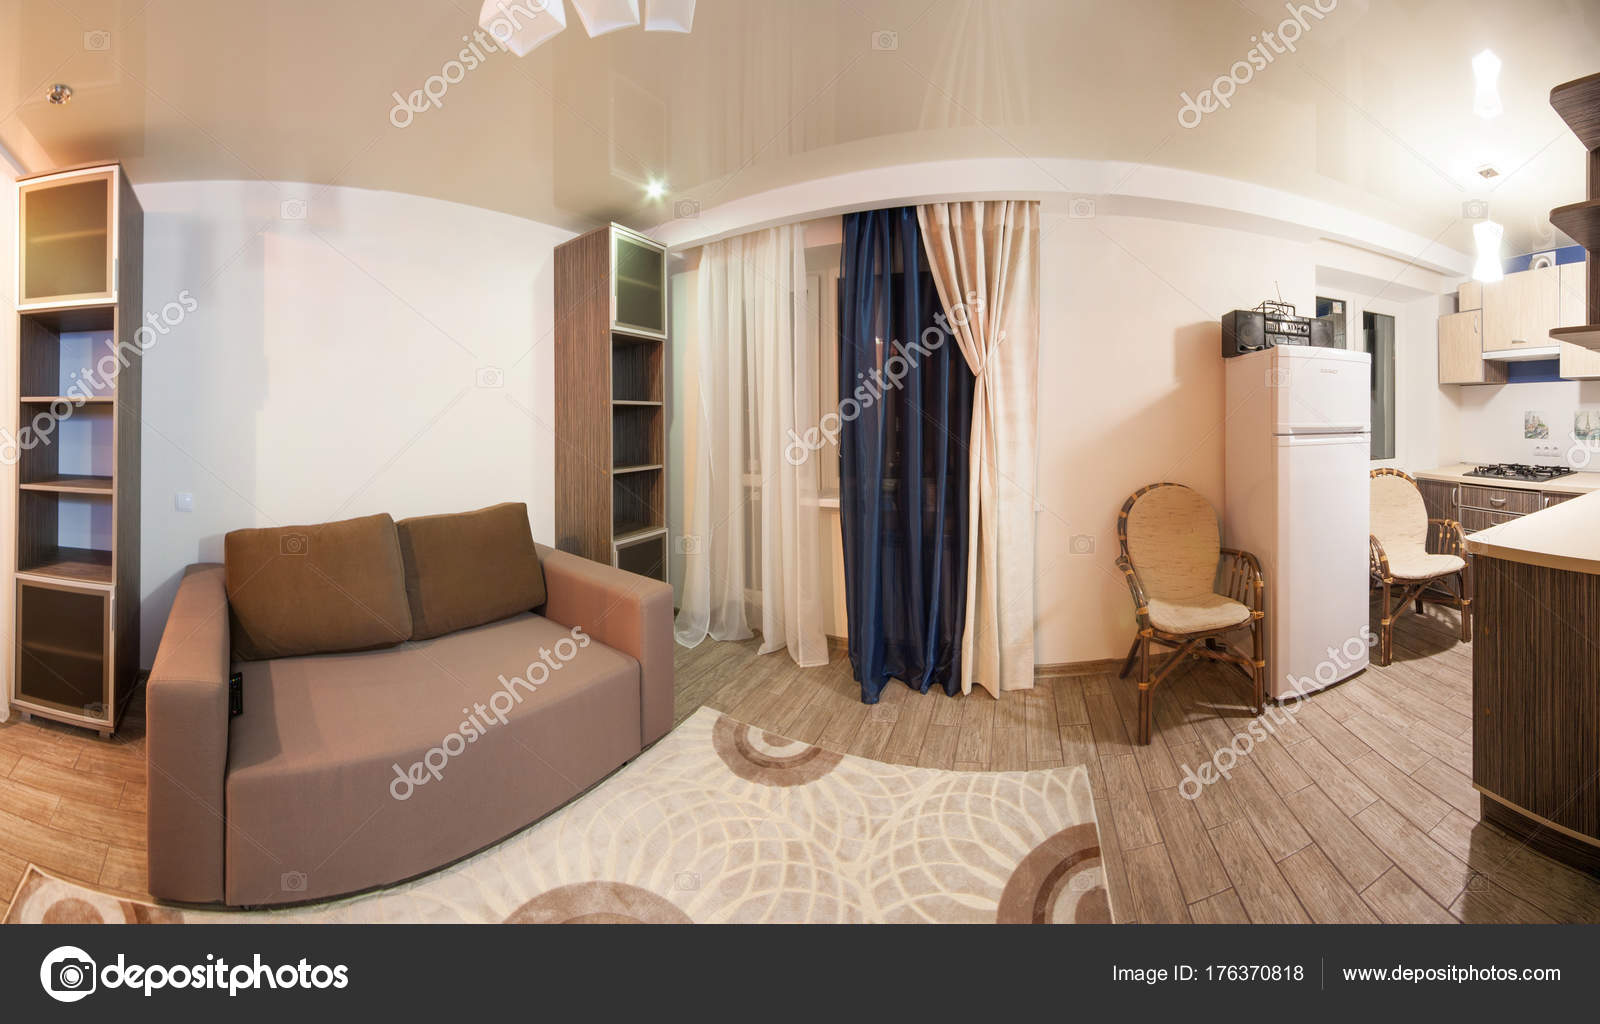 Kamer met rustgevende kleuren huiselijke sfeer u stockfoto